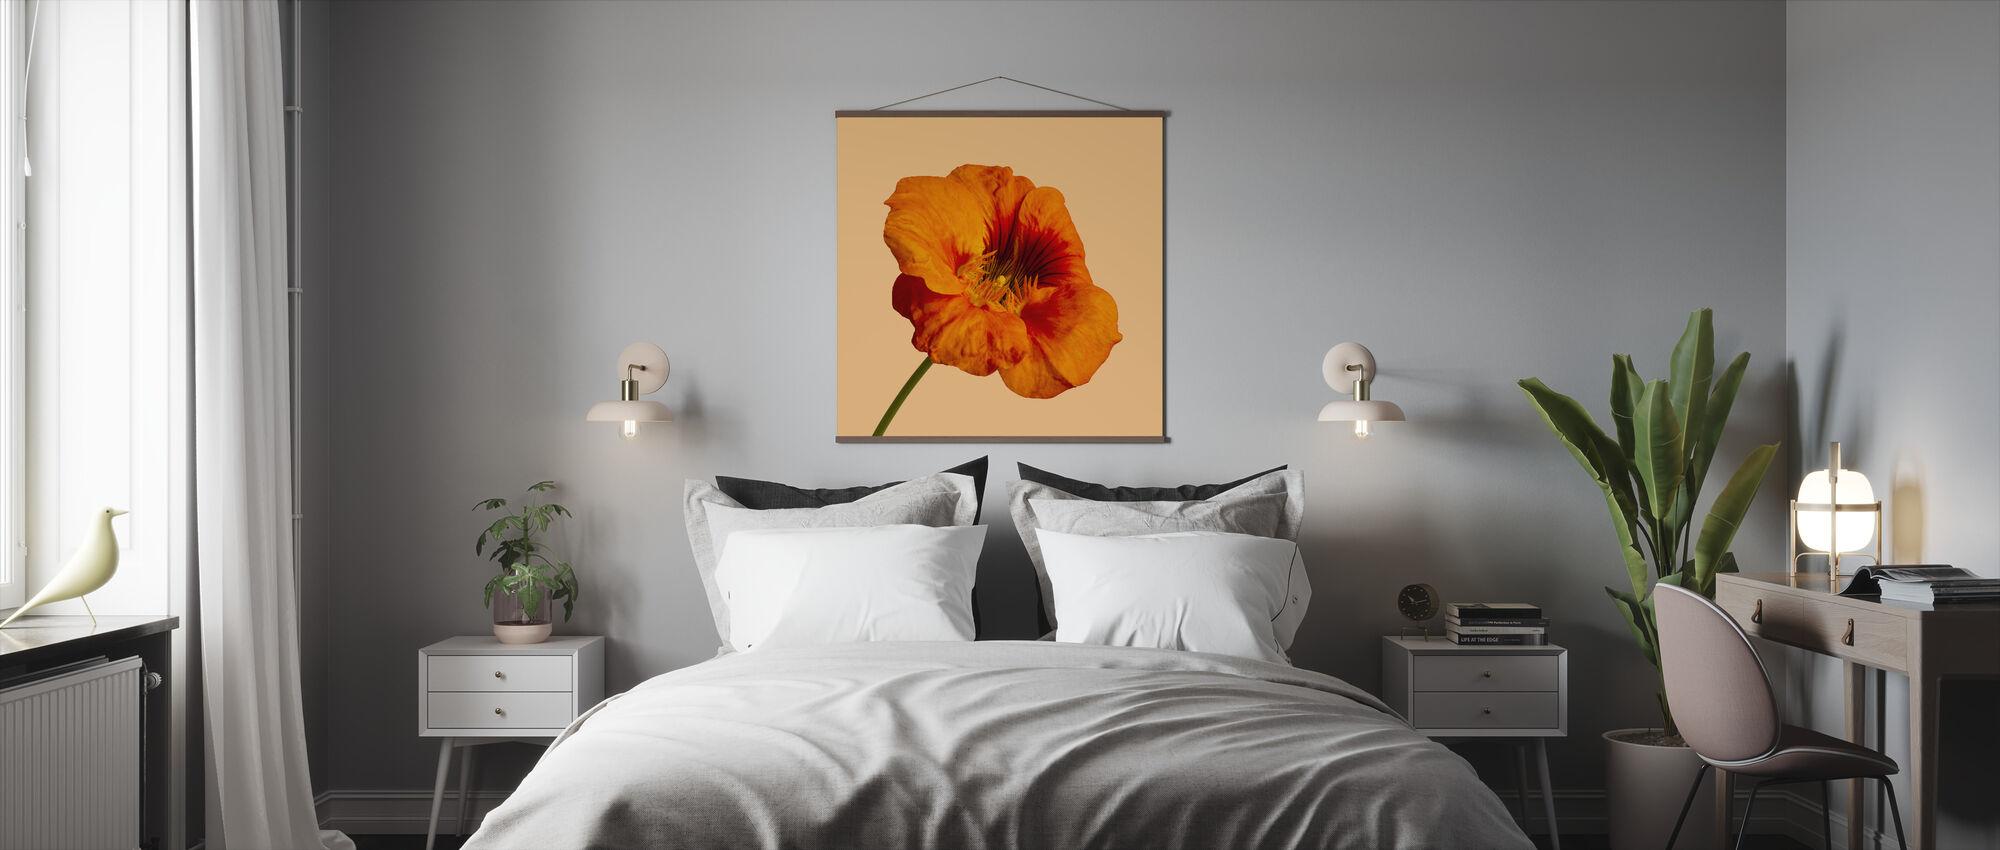 Blooming Hibiscus - Poster - Bedroom